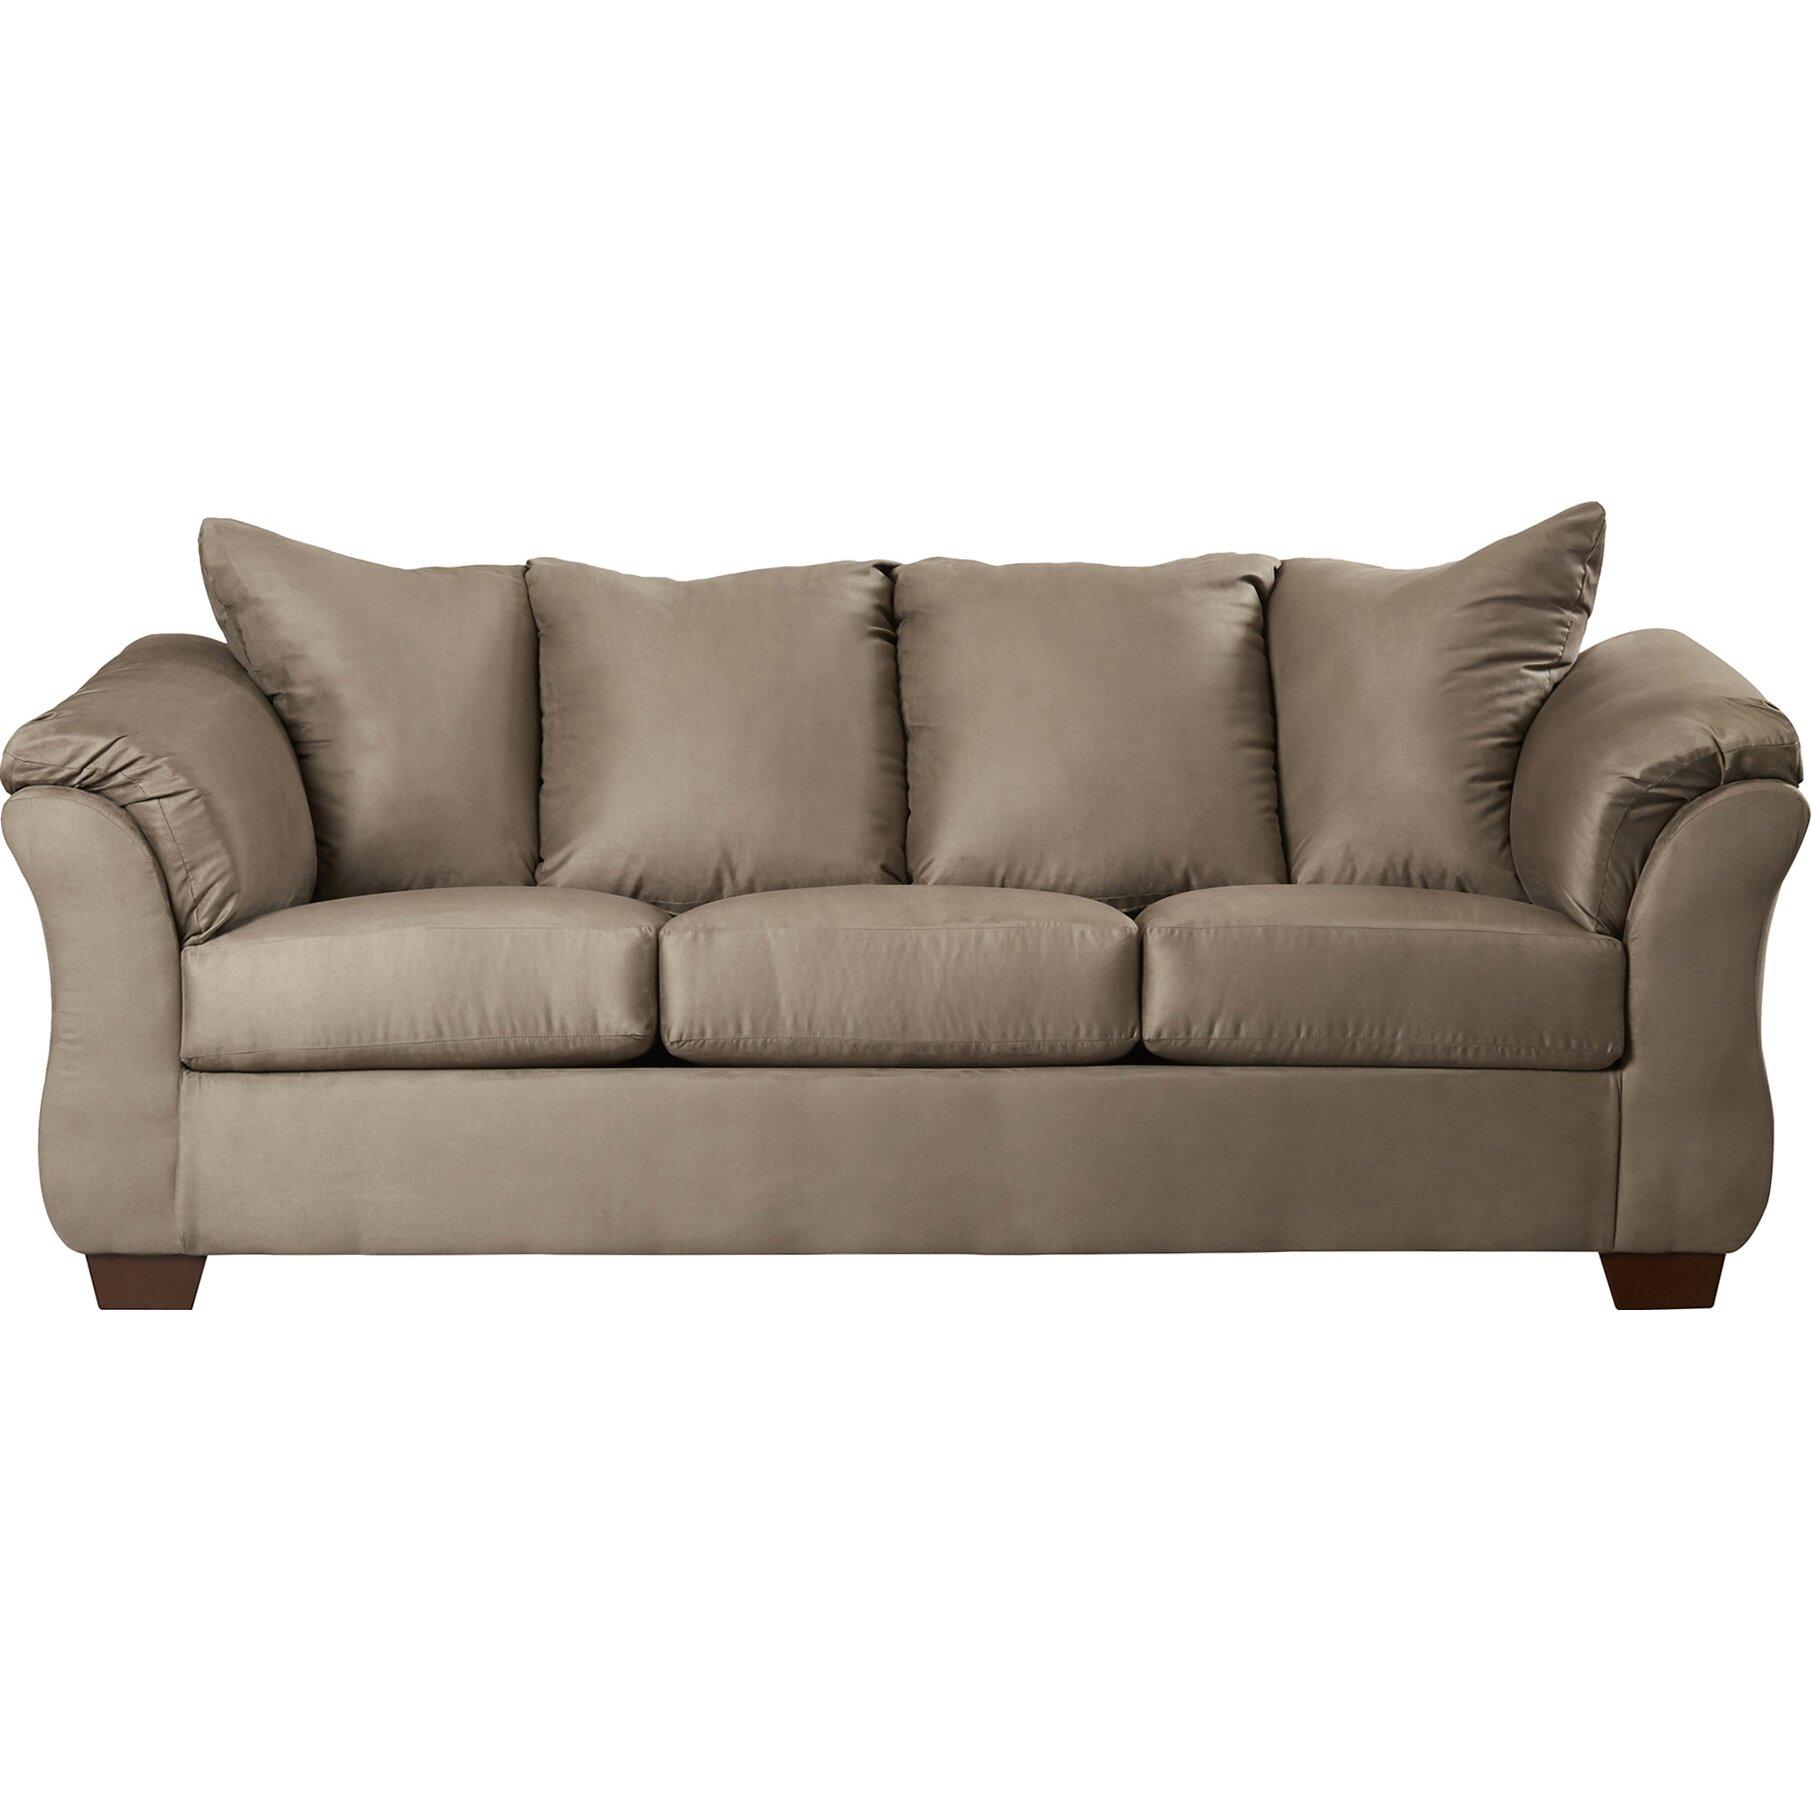 Sectional Sofas For Sale In Huntsville Al: Huntsville Full Sleeper Sofa